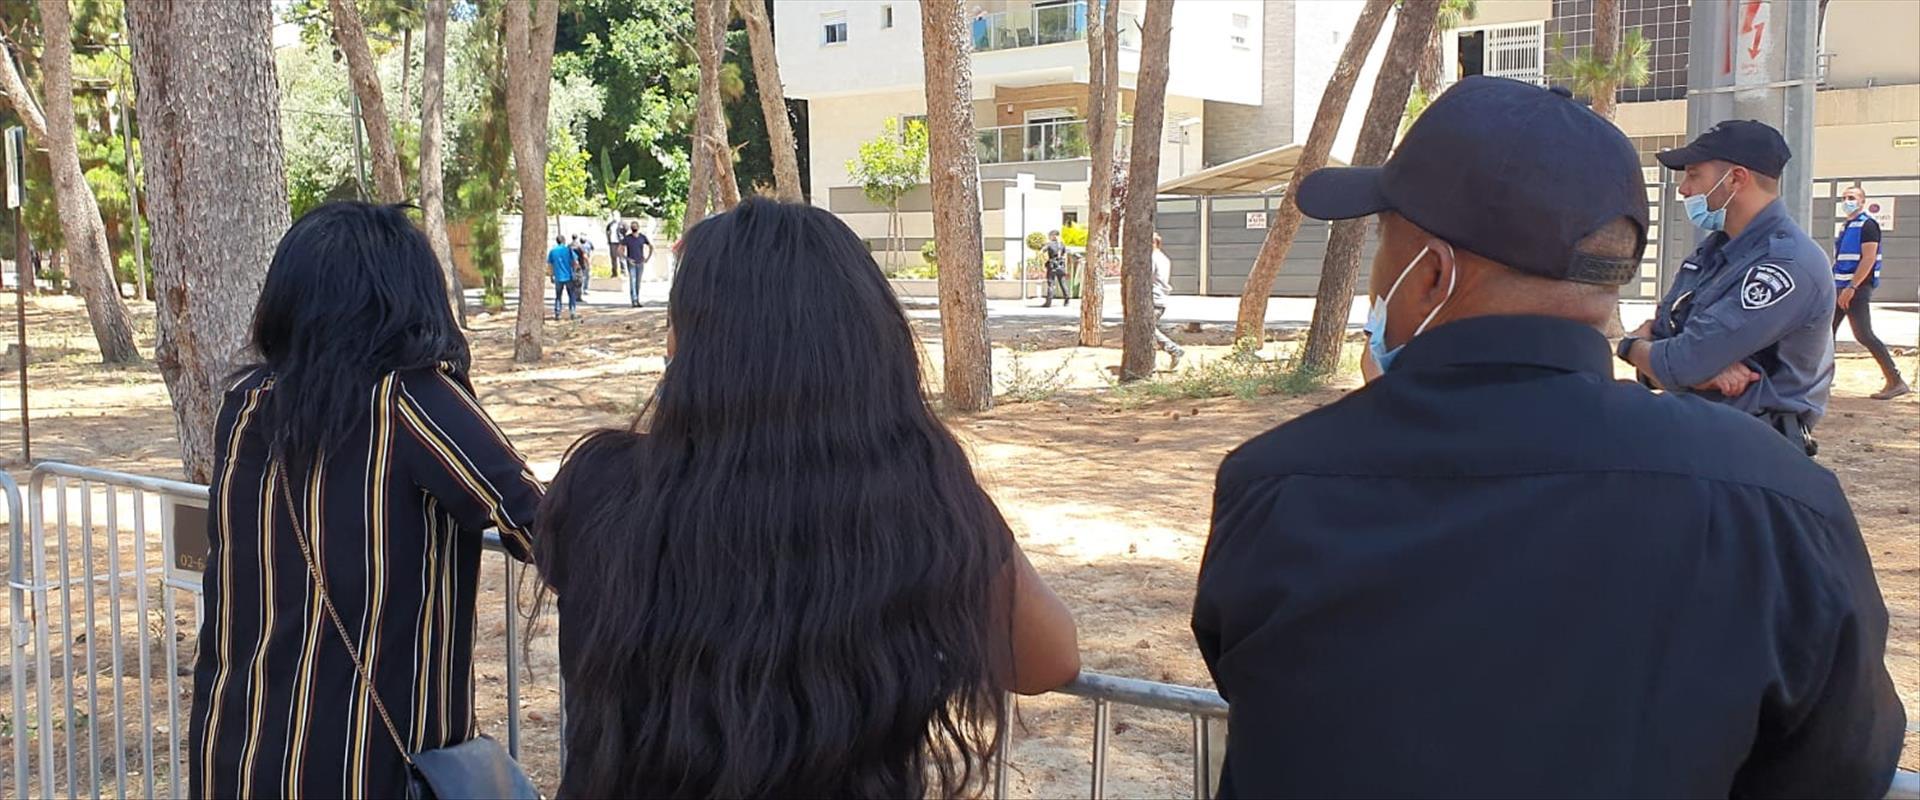 משפחת טקה במהלך סיור השופט בזירת הירי בסלומון - 23